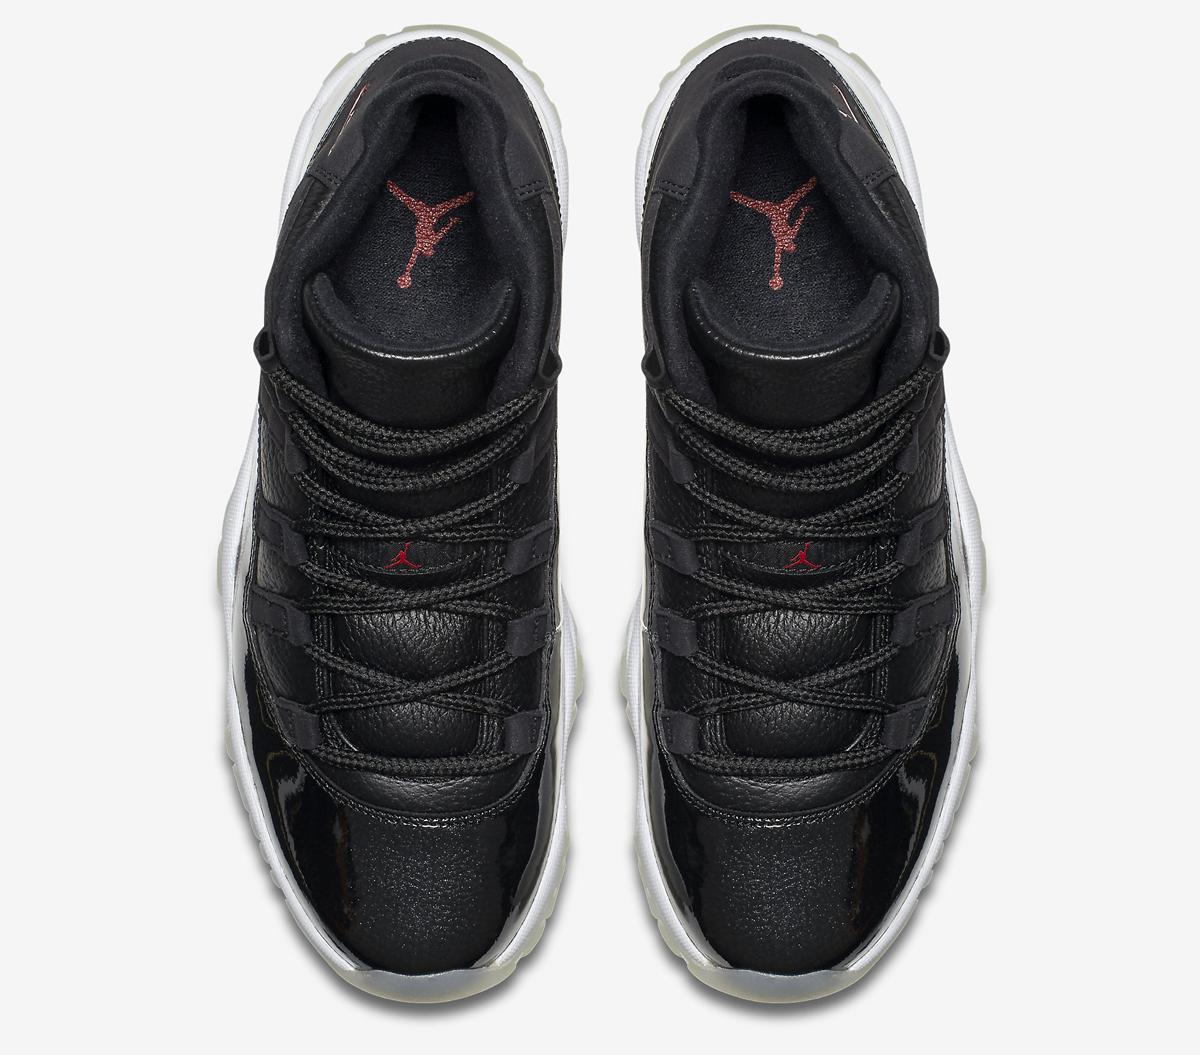 66c57cbf234e Air Jordan 11  72-10  Release Date and Pricing Info